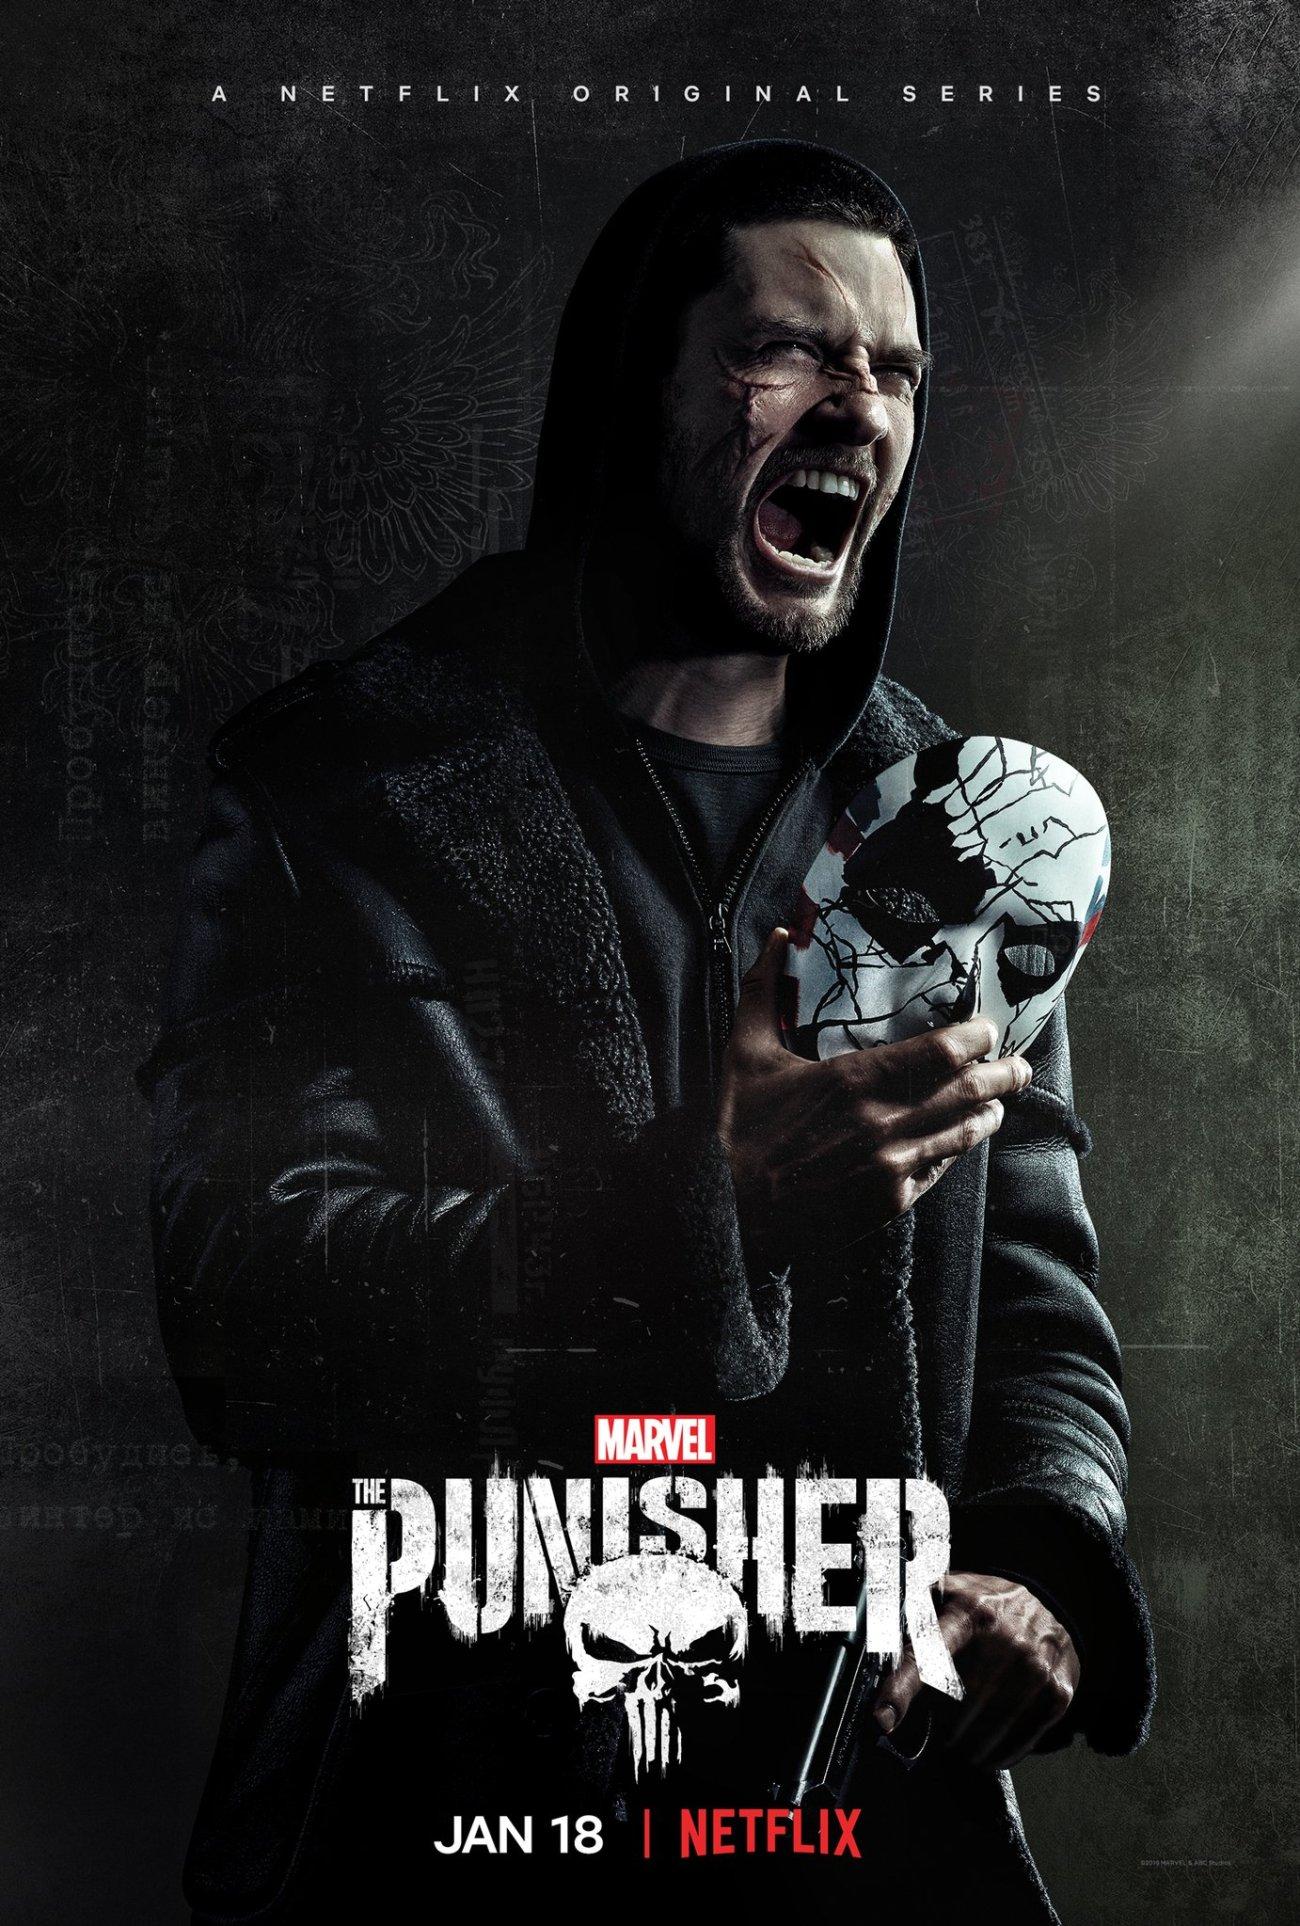 Billy Russo (Ben Barnes) en un póster de la temporada 2 de The Punisher. Imagen: The Punisher Twitter (@ThePunisher).